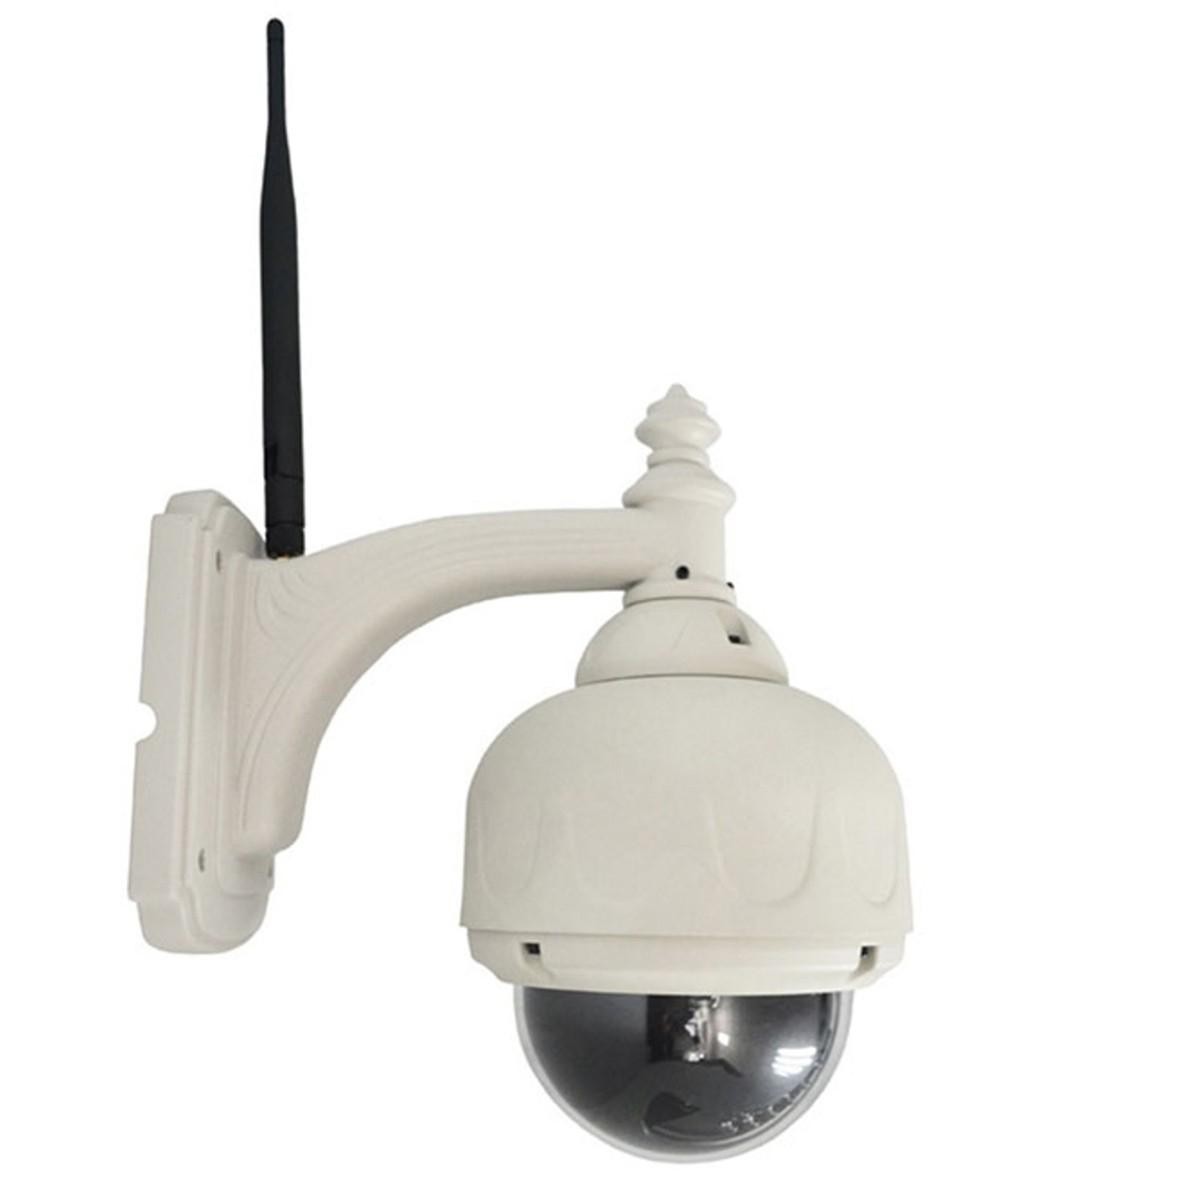 Caméra IP wifi extérieure infra-rouge motorisée Plug and play